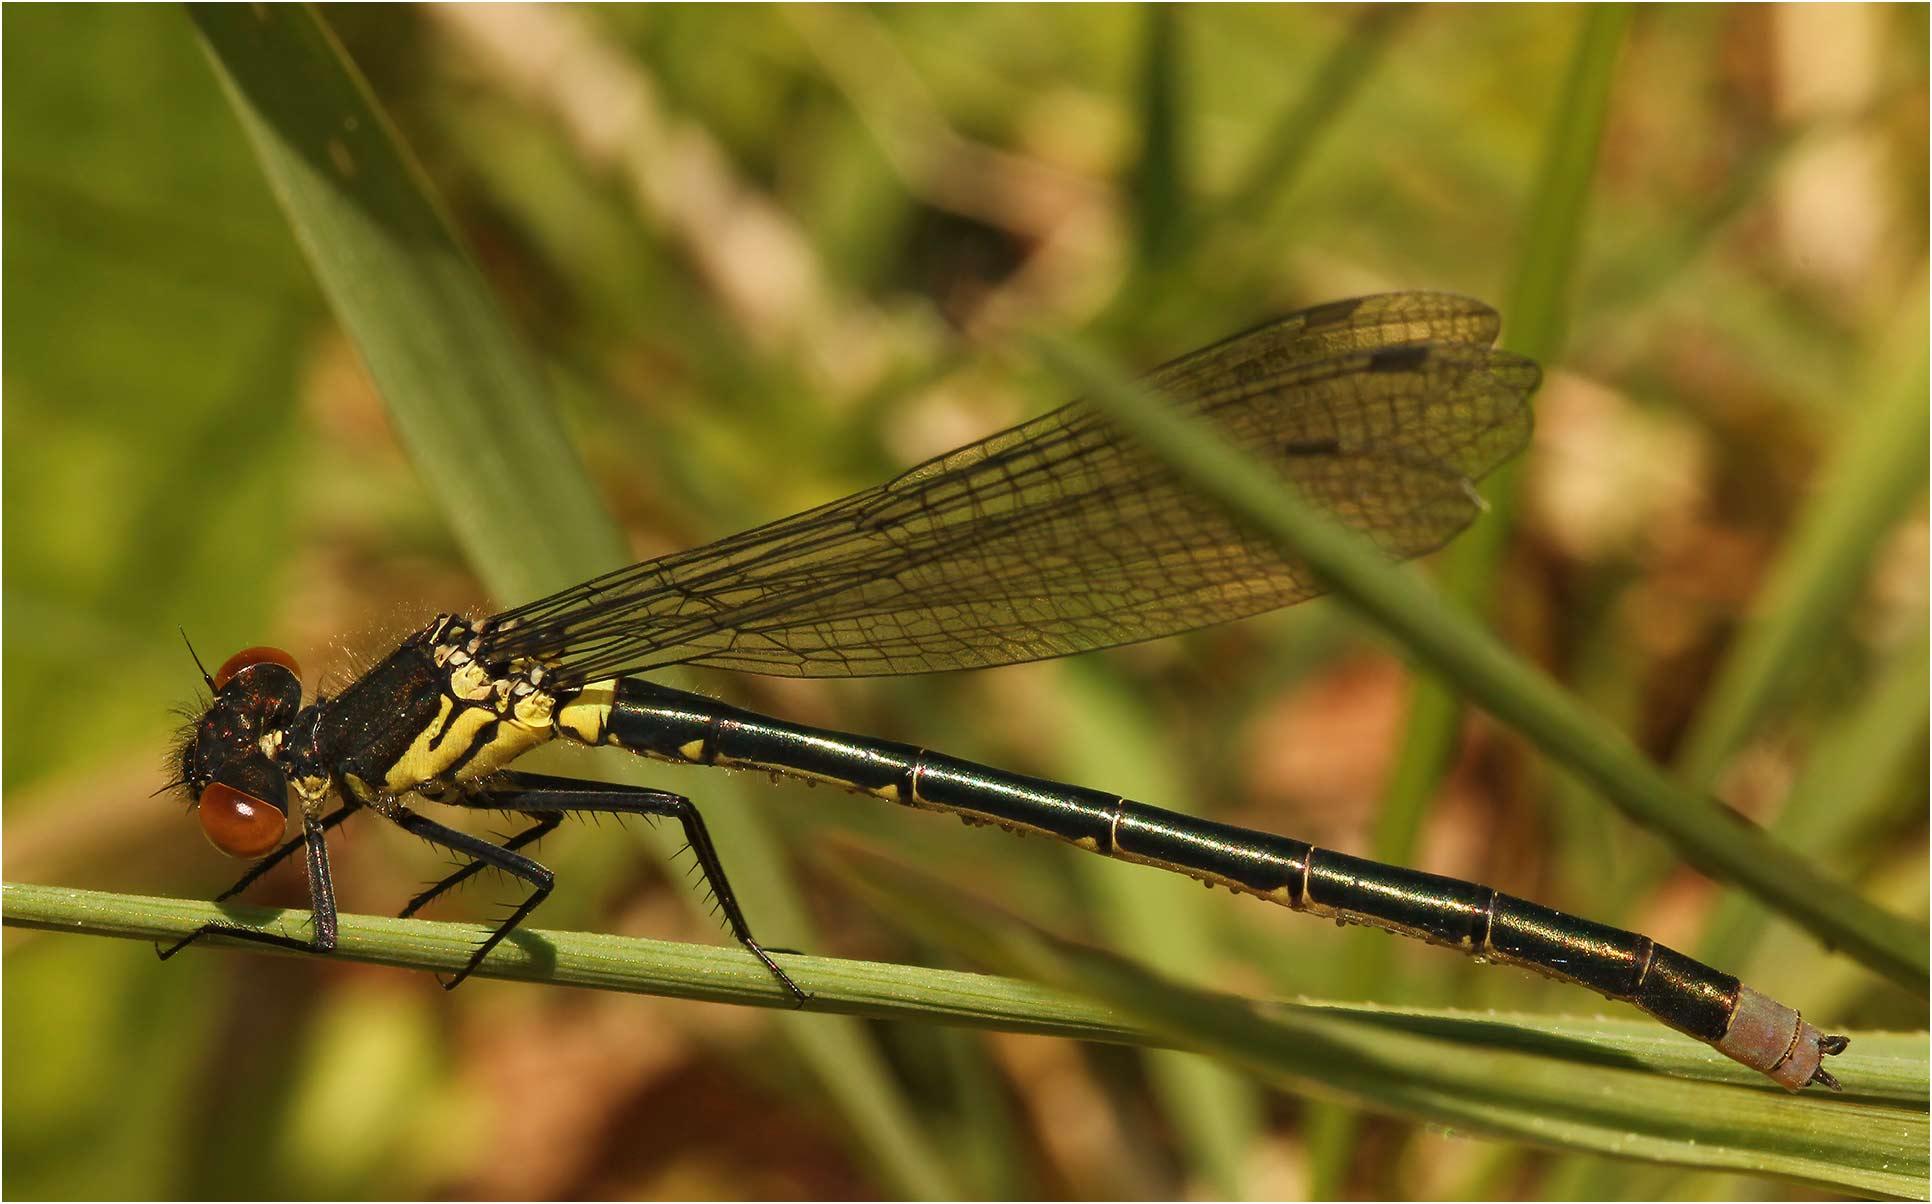 Erythromma najas mâle immature, Gennes sur Loire (France-49), 03/05/2012